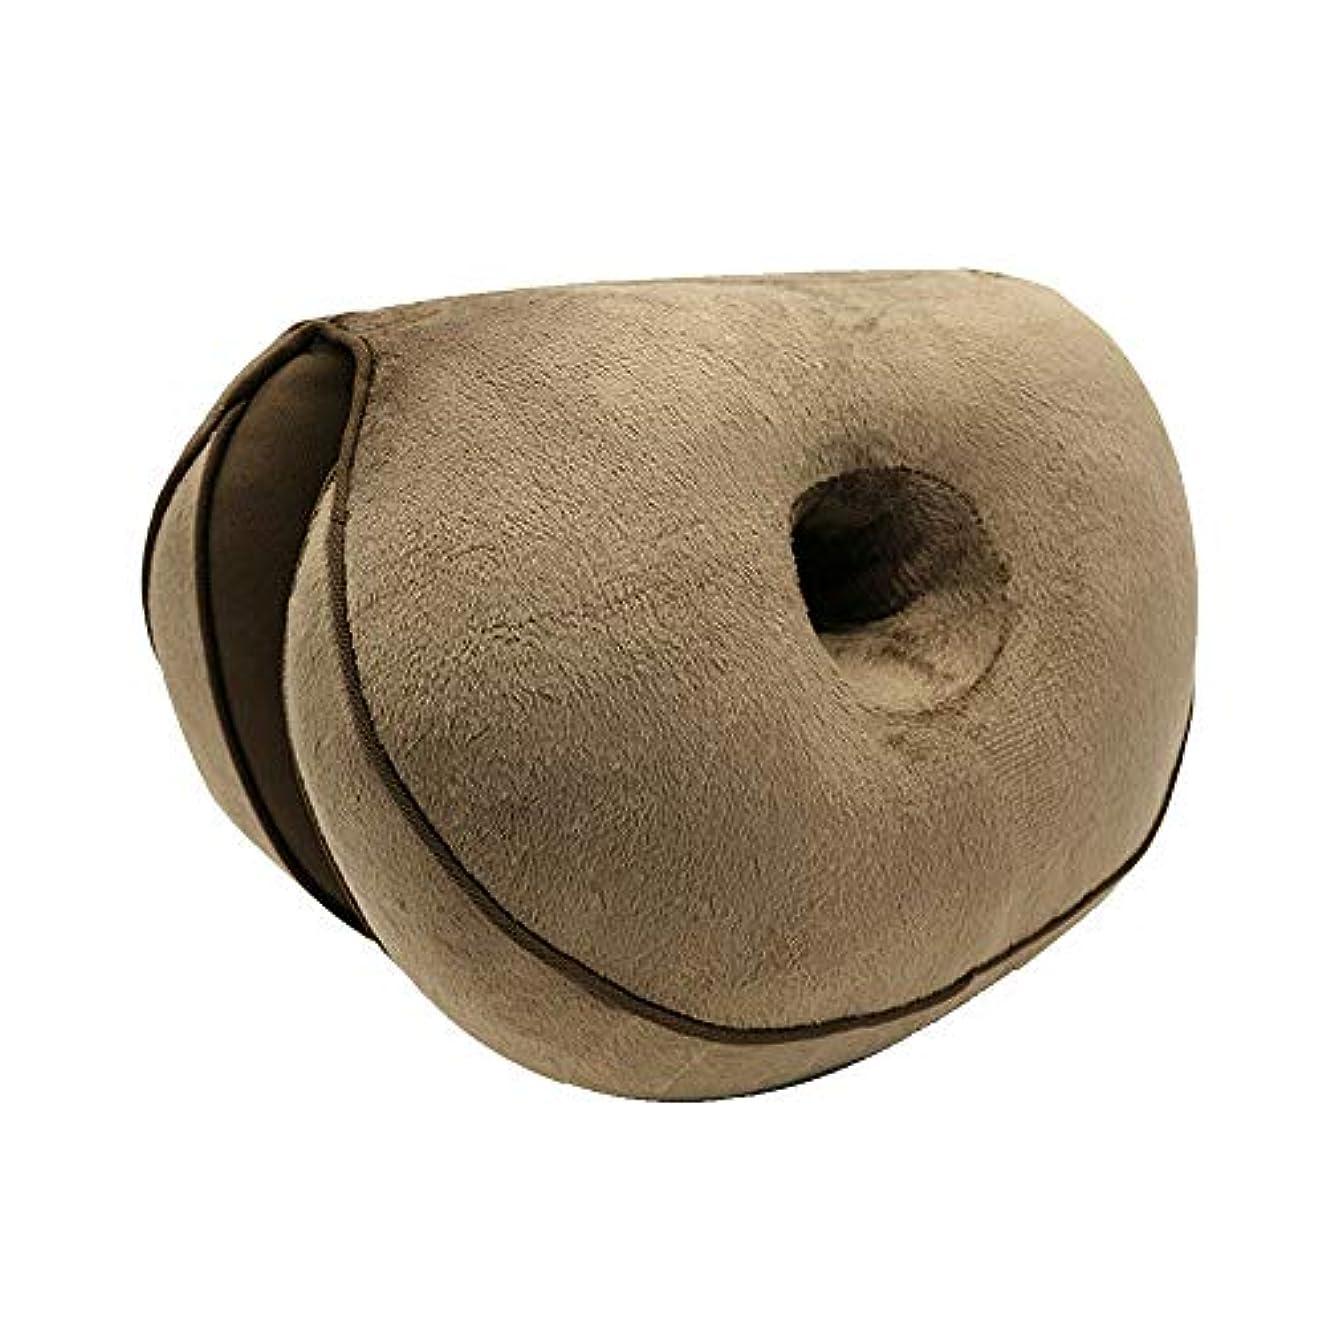 出版シチリア膿瘍LIFE 新デュアルシートクッション低反発ラテックスオフィスチェアバックシートクッション快適な臀部マットパッド枕旅行枕女性女の子 クッション 椅子